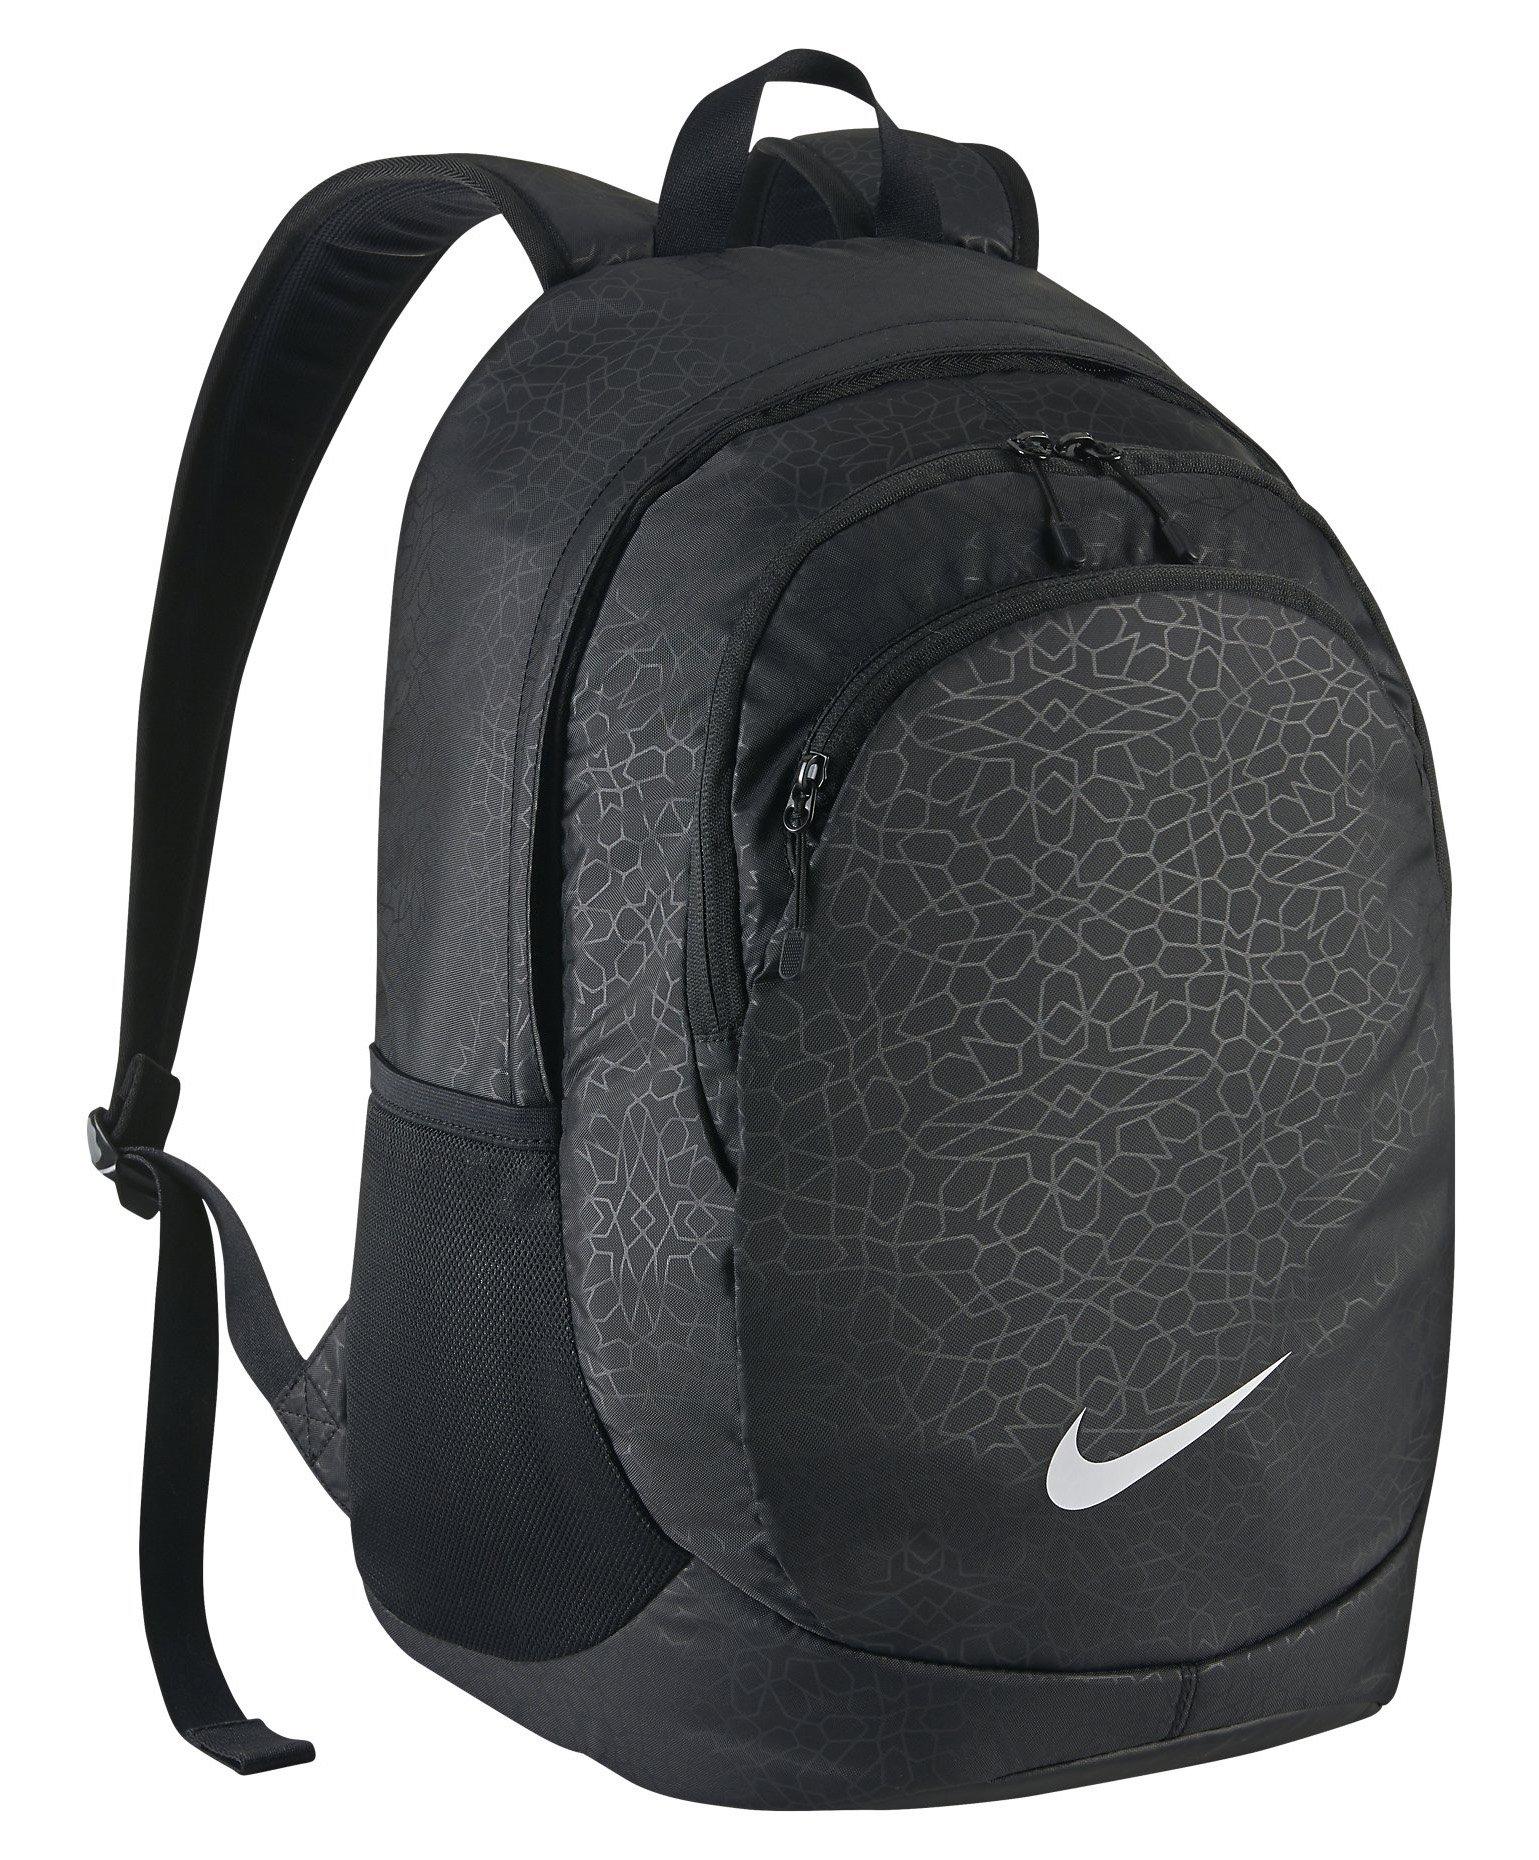 Batoh Nike Legend Backpack Solid